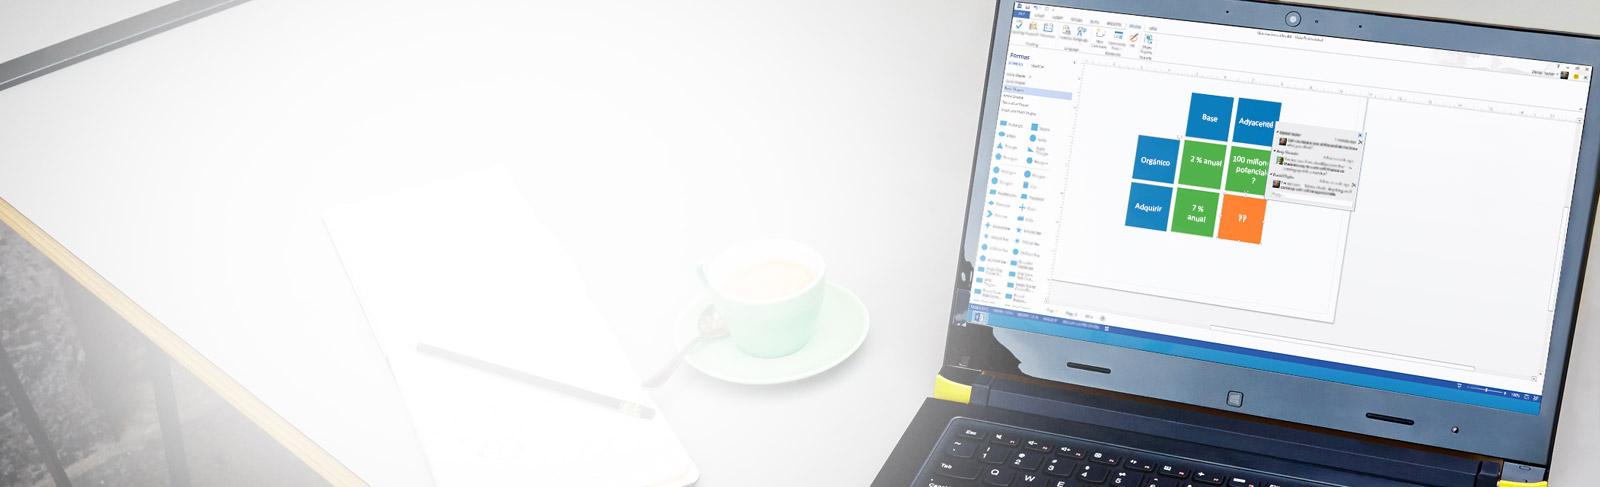 Un equipo portátil abierto, que muestra Visio Standard 2013 en uso.